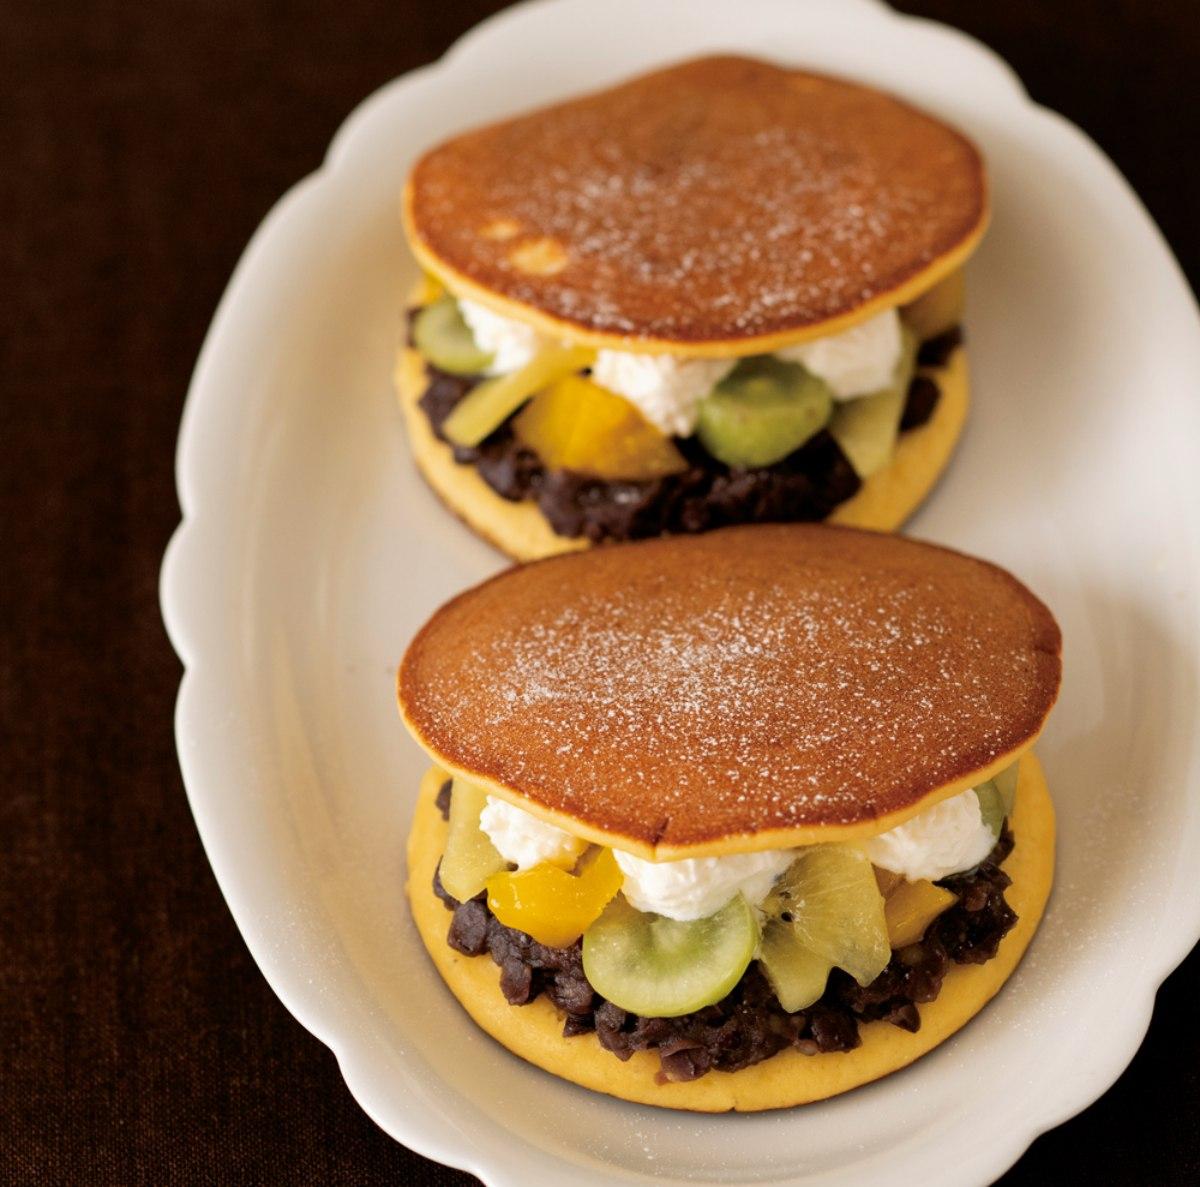 吃了沒有罪惡感!5款「低卡甜點」減肥也能嗑:60大卡布朗尼、水果銅鑼燒